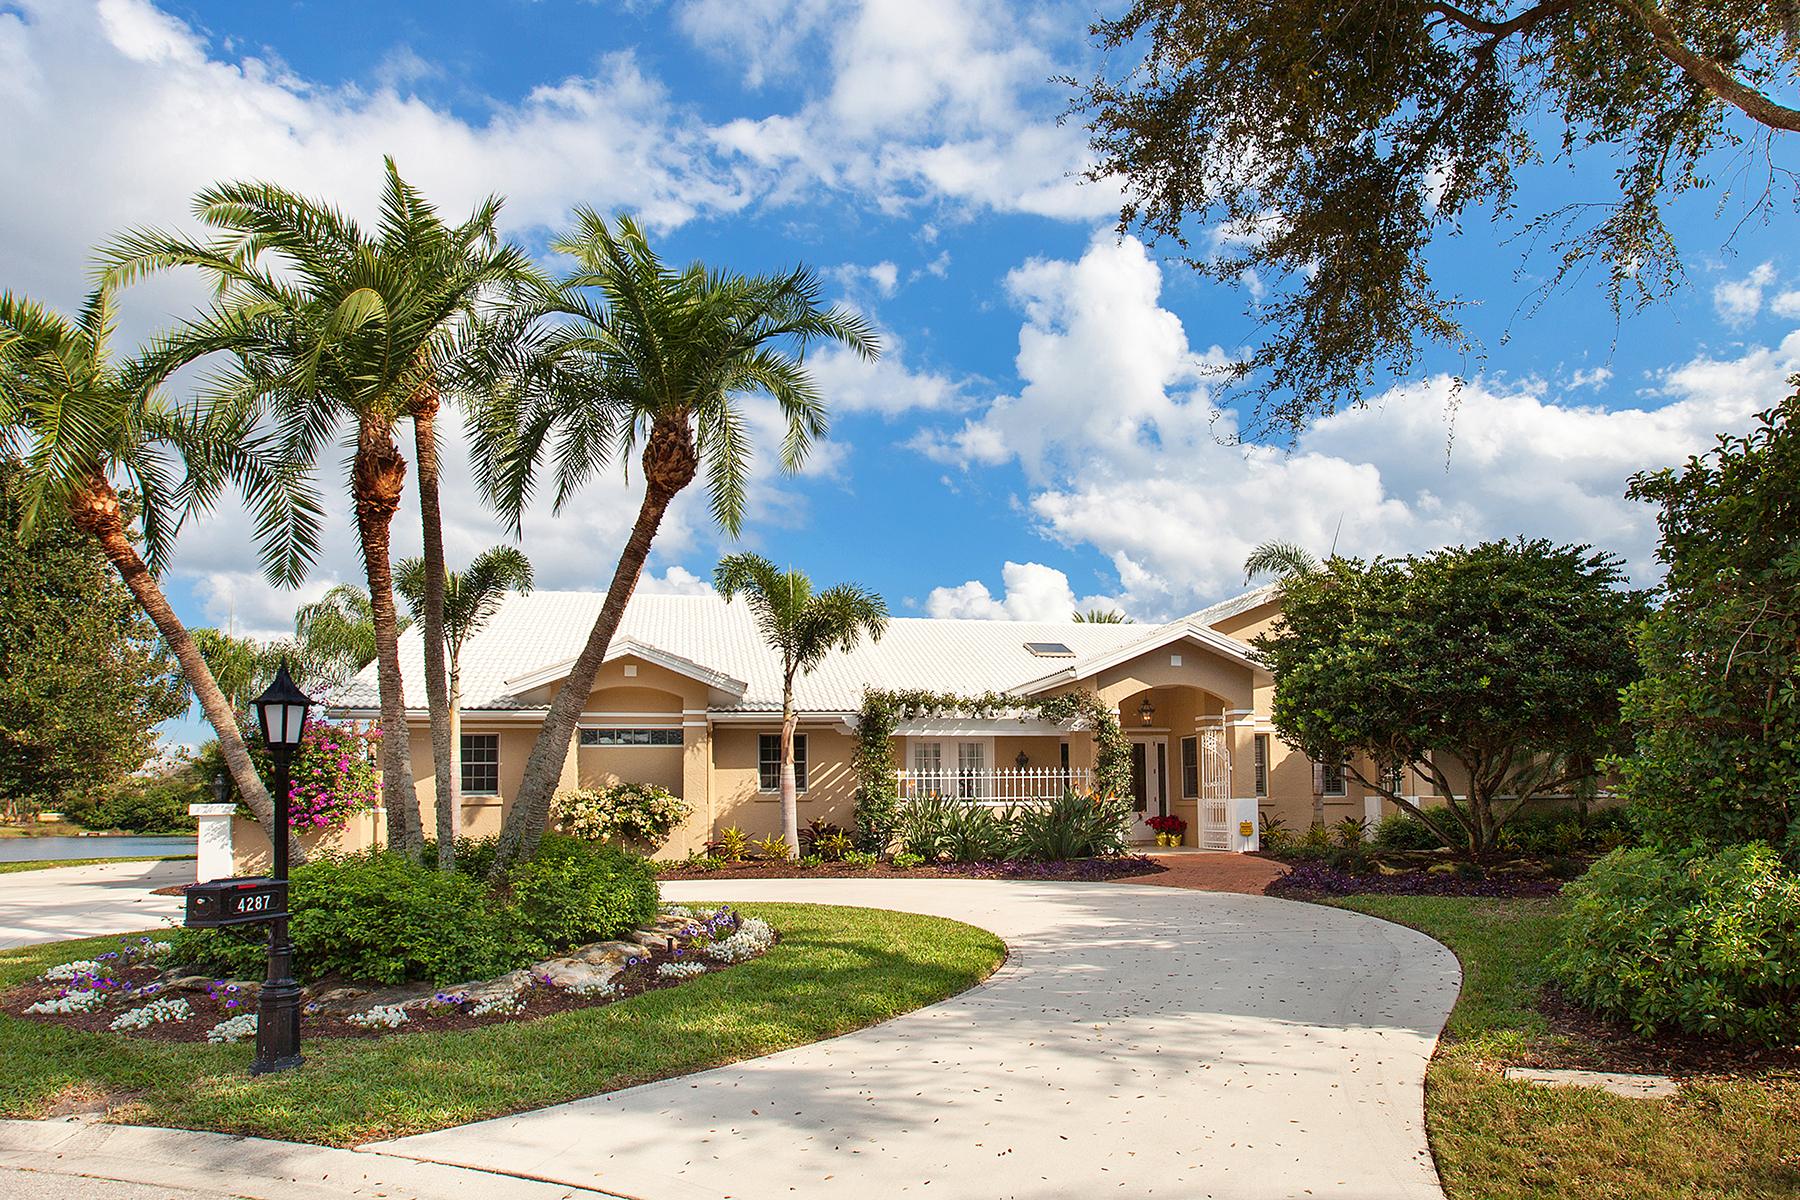 단독 가정 주택 용 매매 에 PRESTANCIA 4287 Escondito Cir Sarasota, 플로리다 34238 미국